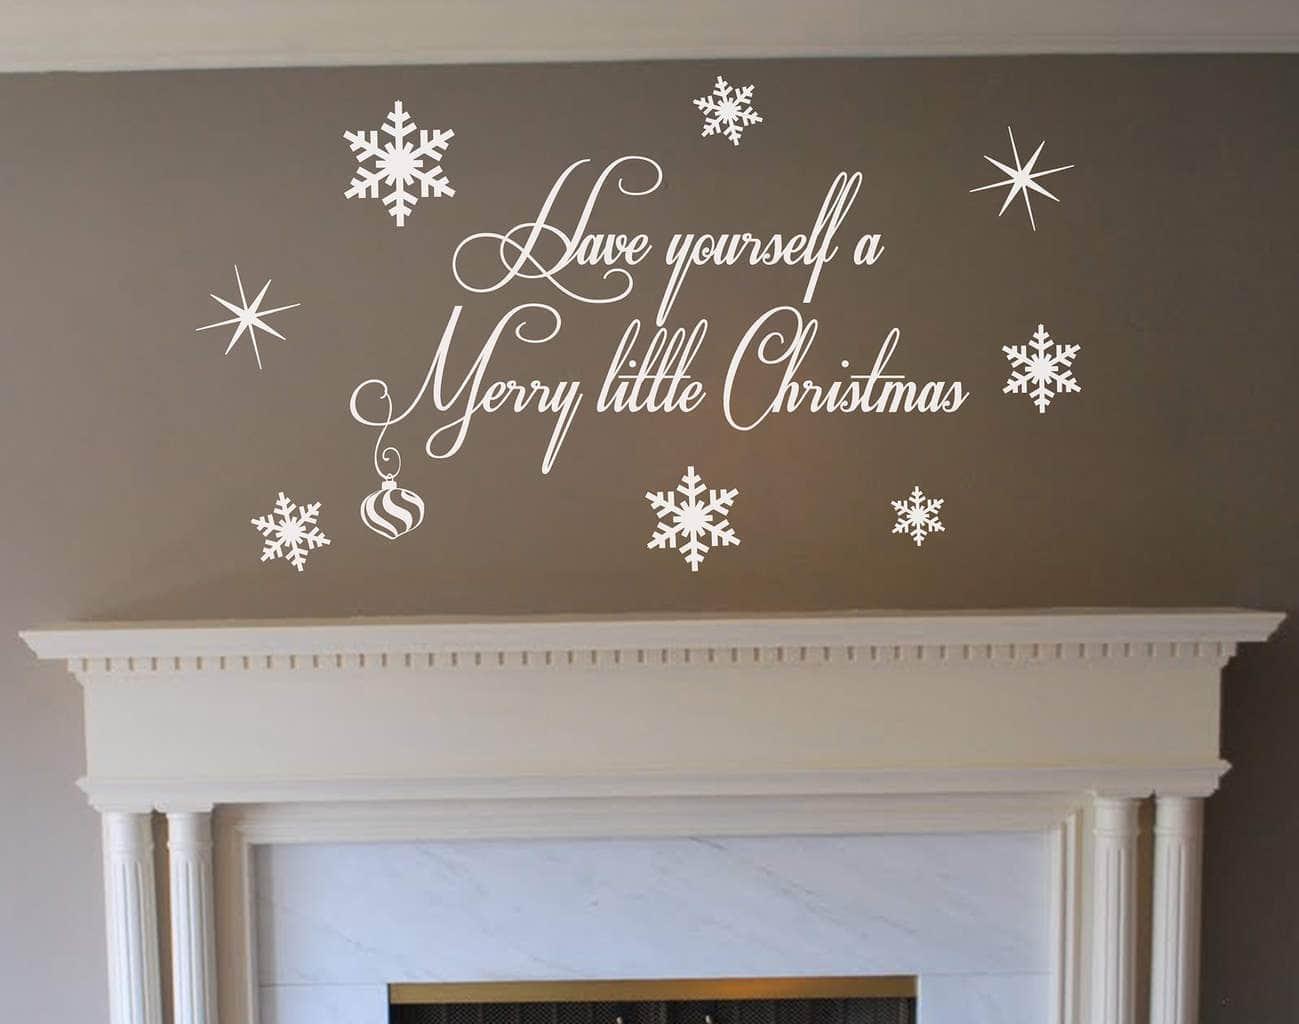 Merry Christmas wall art decal sticker